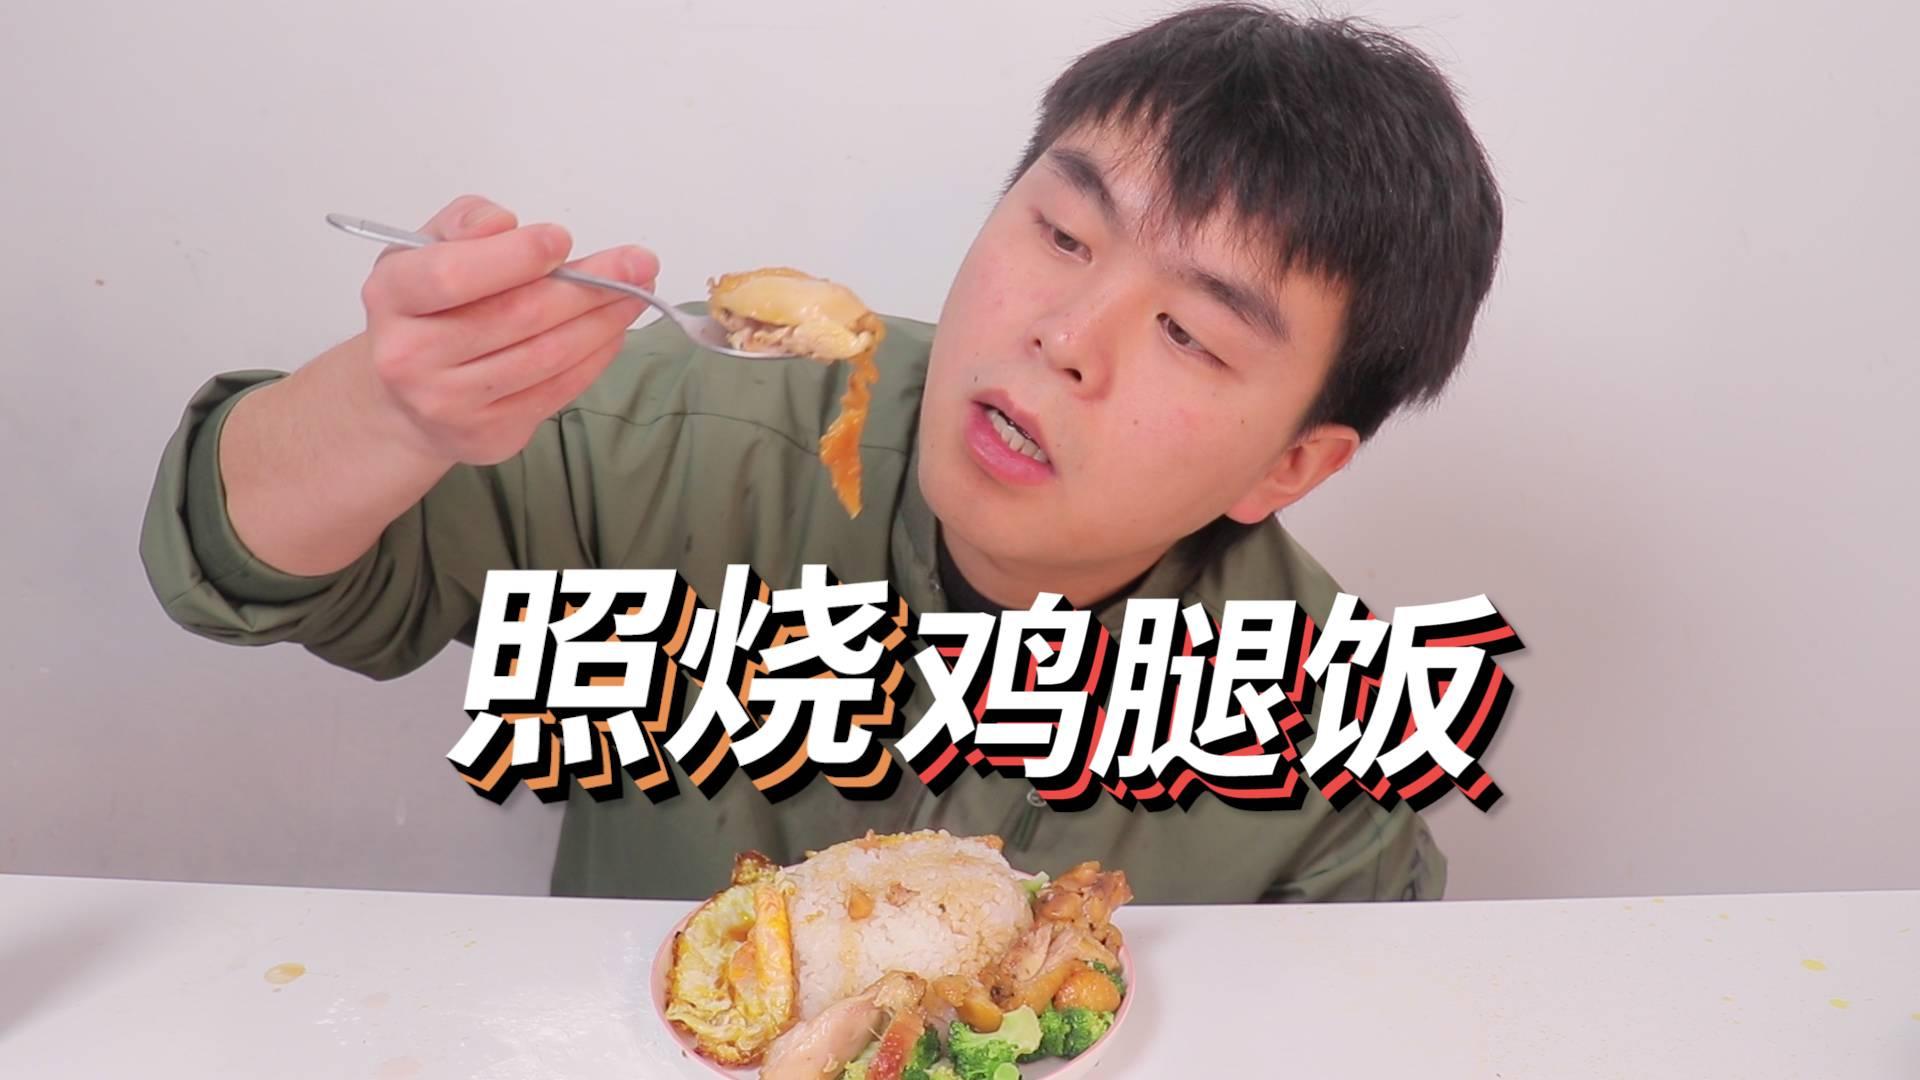 泡面吃烦了,小伙在家自制日式照烧鸡腿饭,竟比外卖还好吃